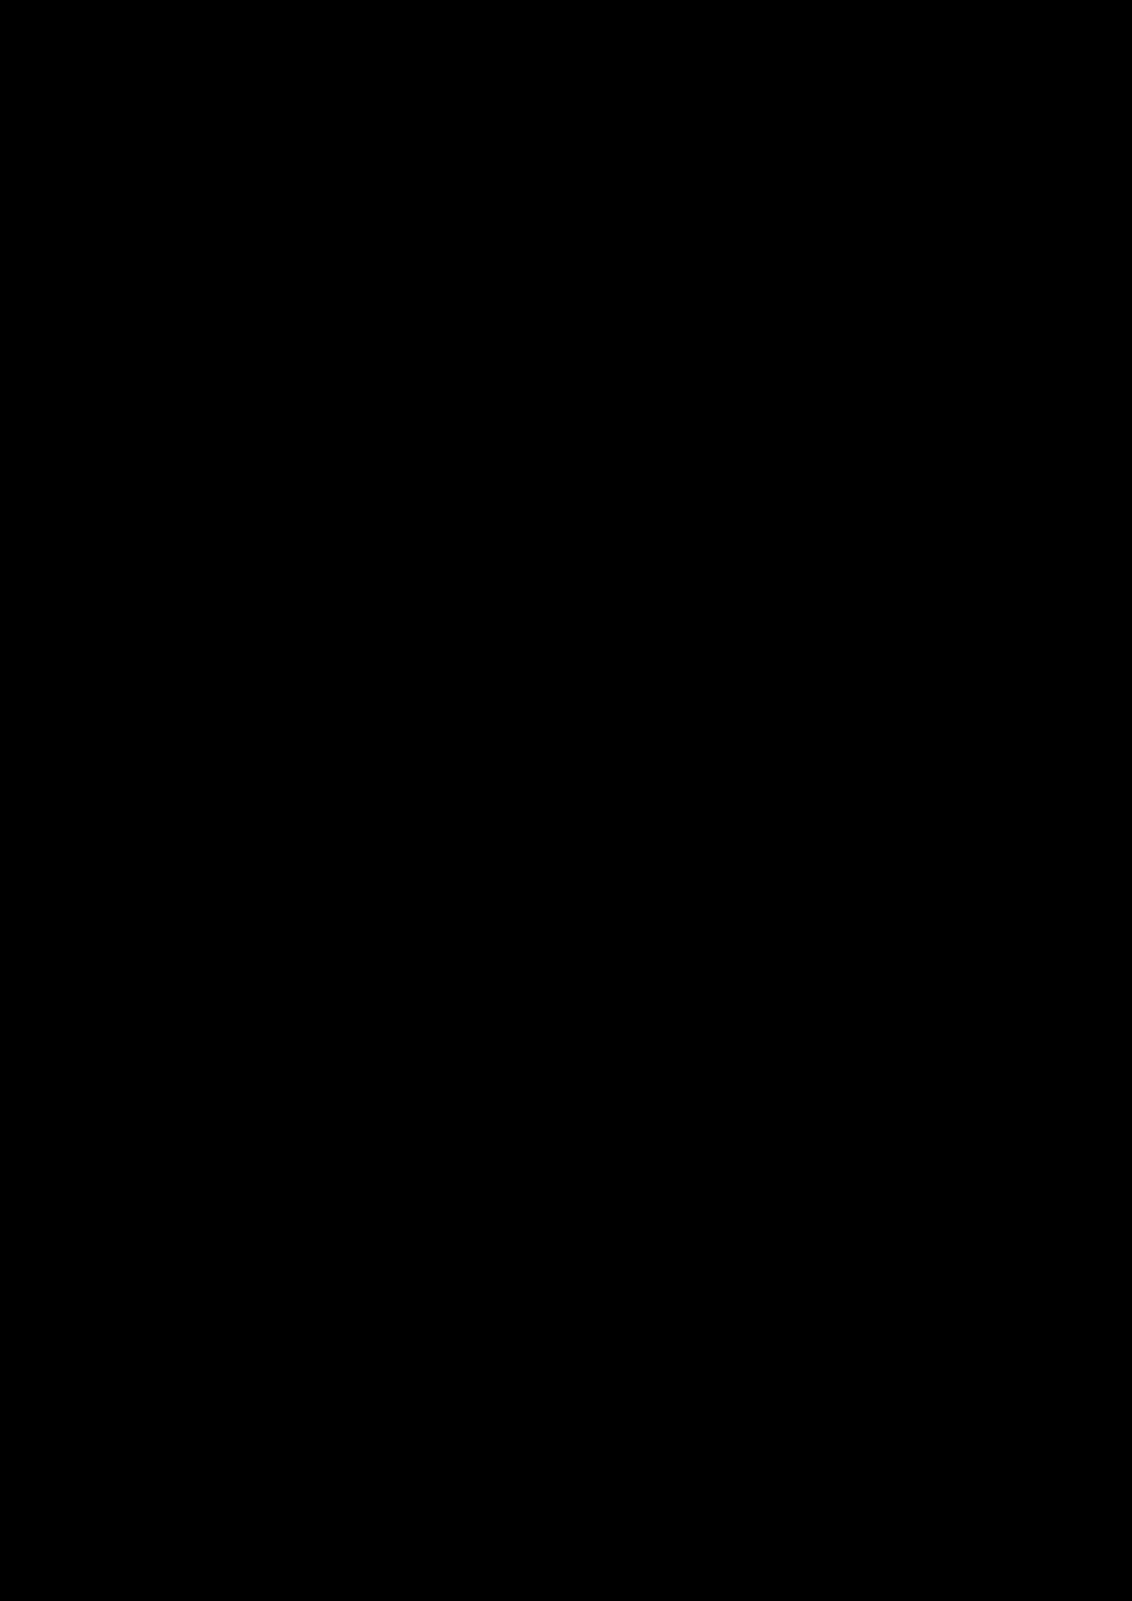 Serdtse slide, Image 1